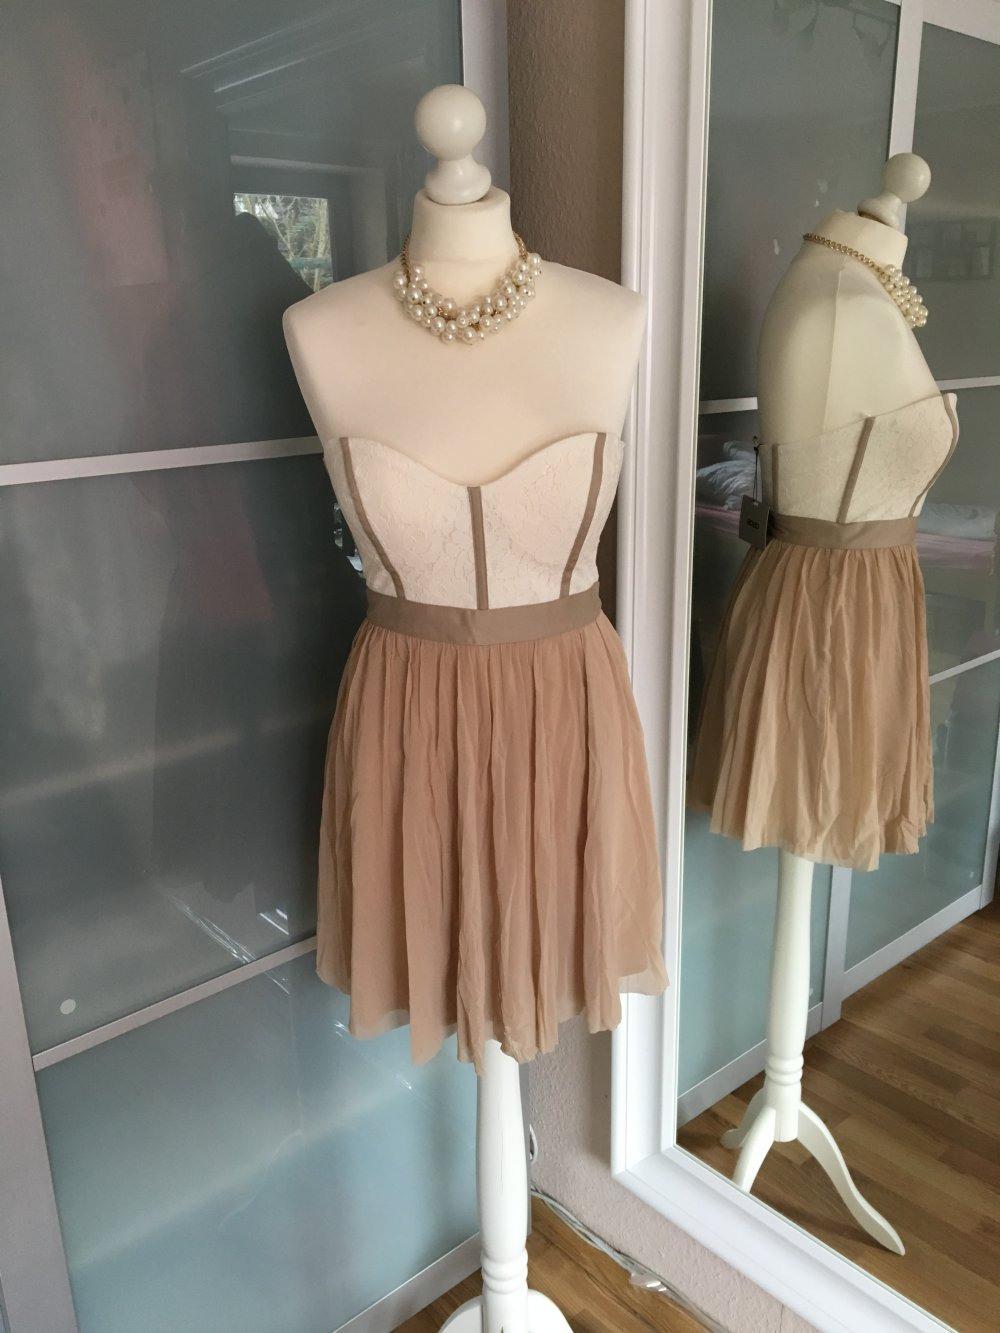 Schön Abend Kleid Bei Asos Spezialgebiet20 Kreativ Abend Kleid Bei Asos Galerie